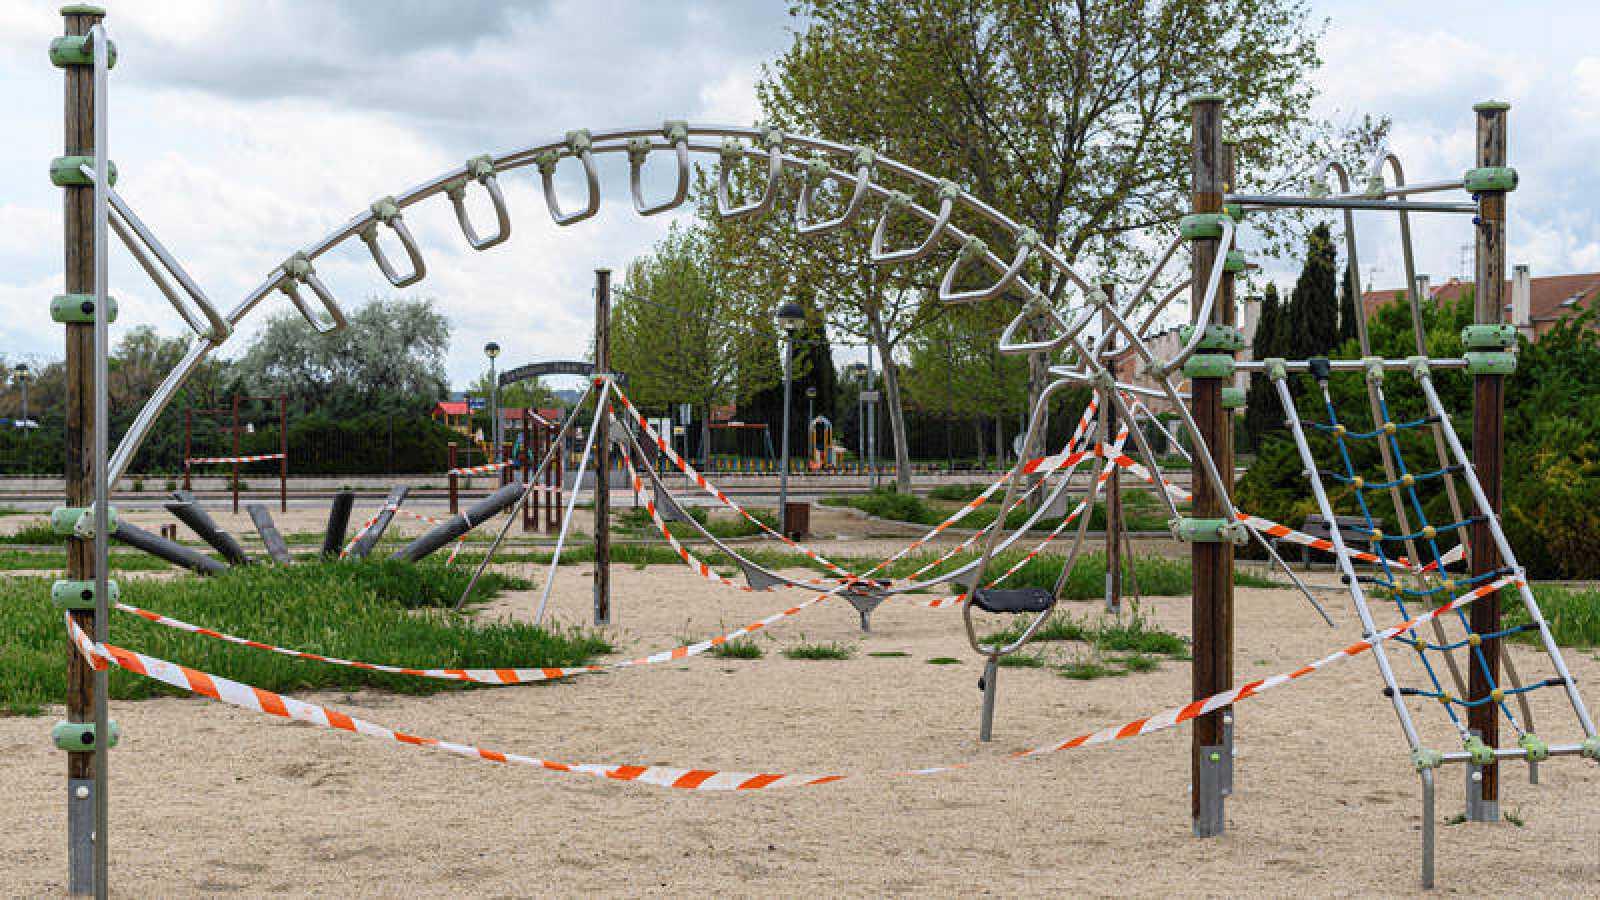 Imagen de un parque infantil precintado